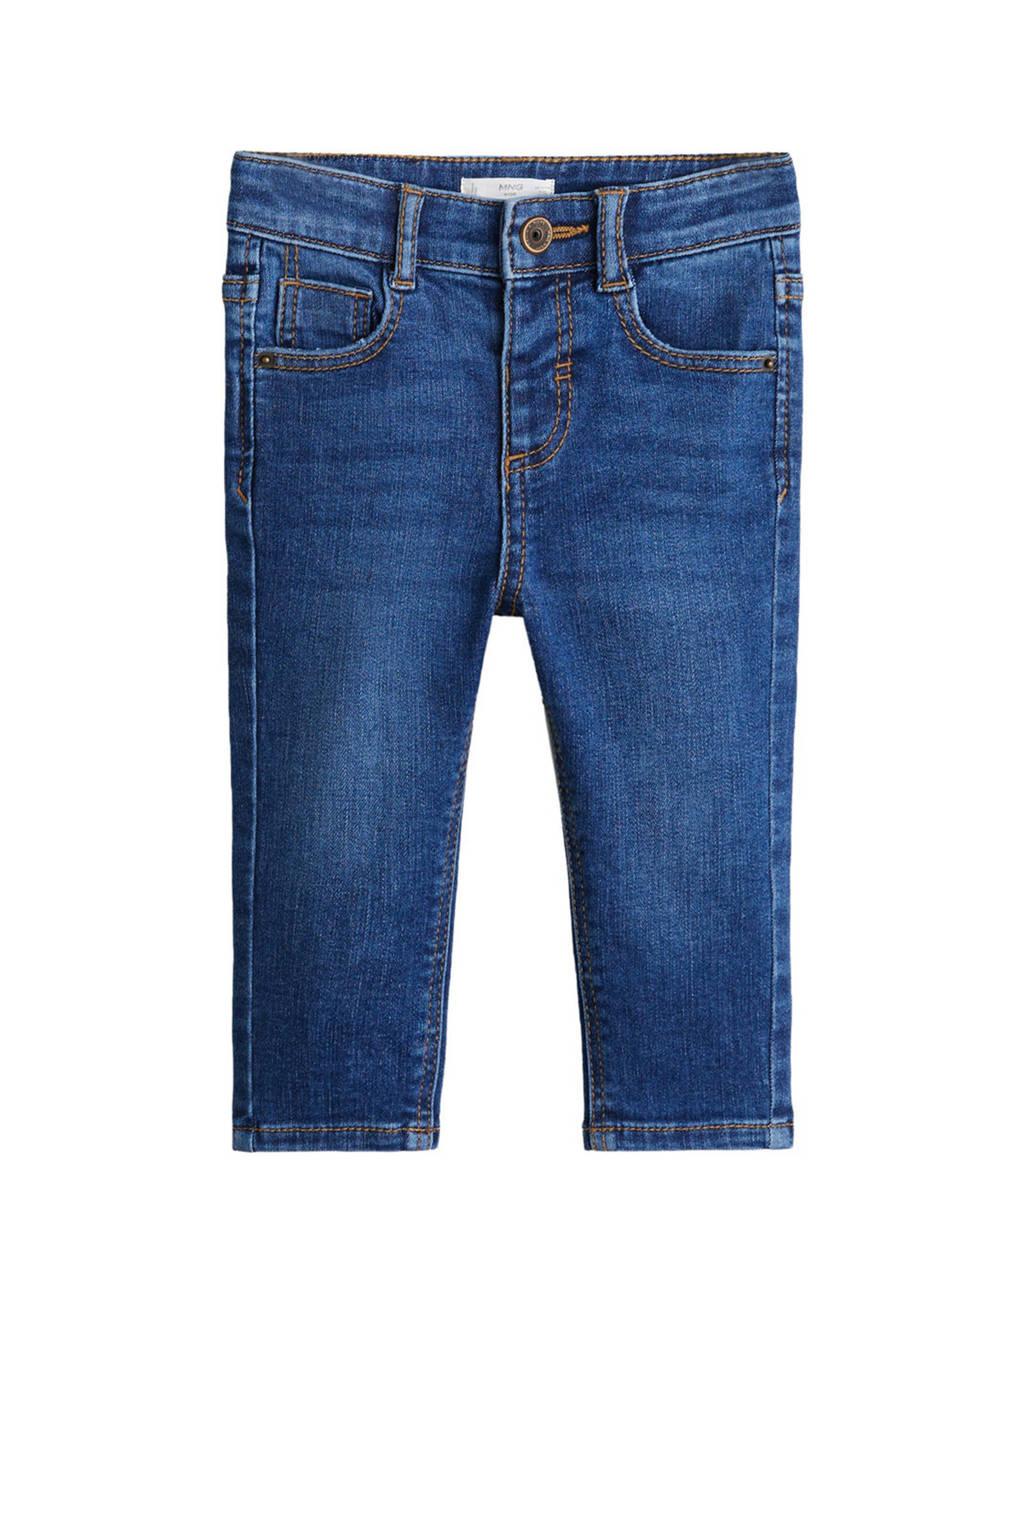 Mango Kids skinny jeans Diego donkerblauw, Donkerblauw